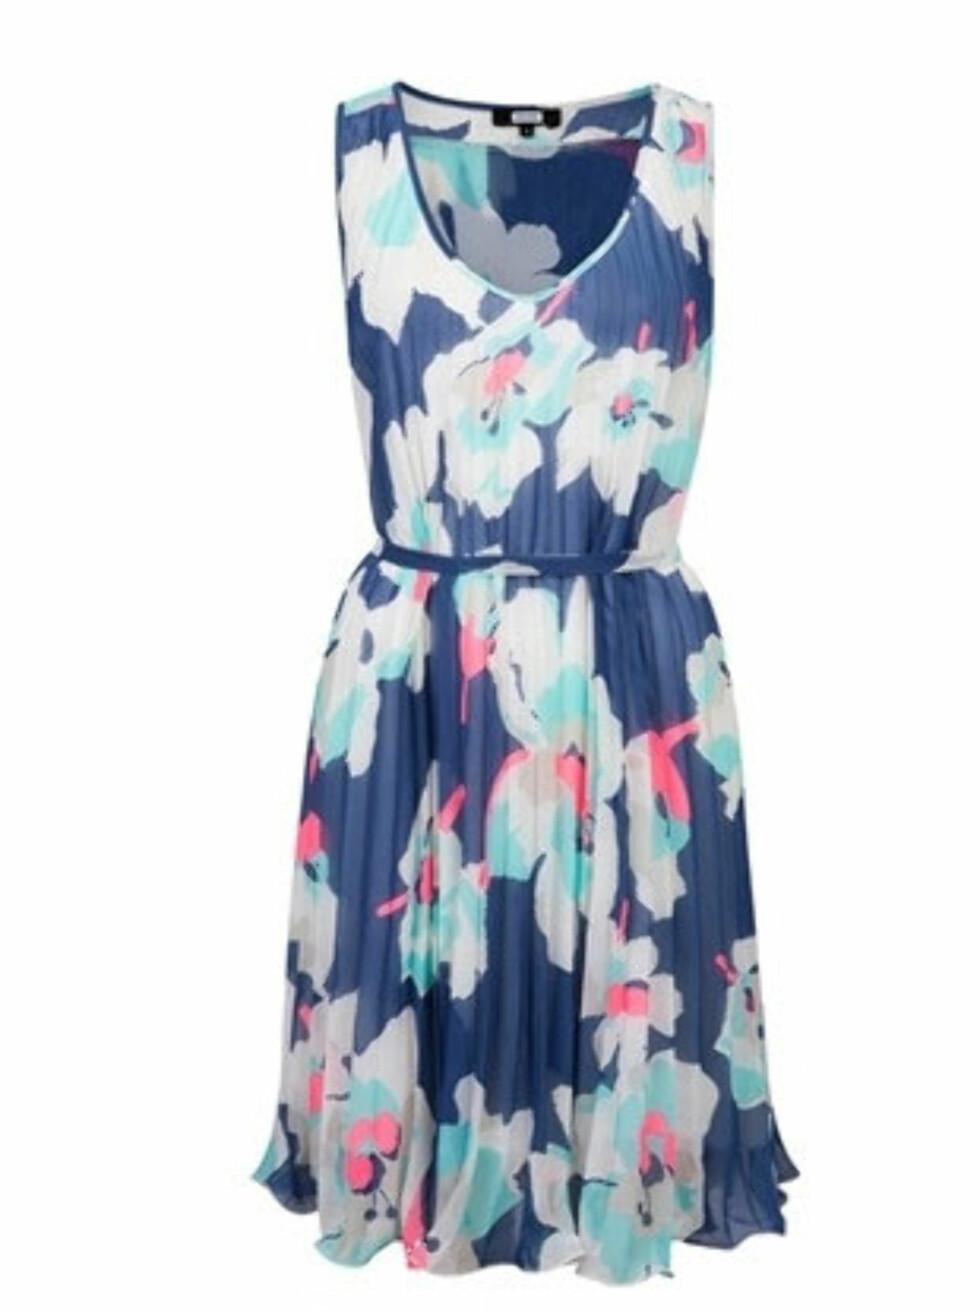 Blomstrete kjole med knyting (kr 399/BikBok). Foto: Produsent